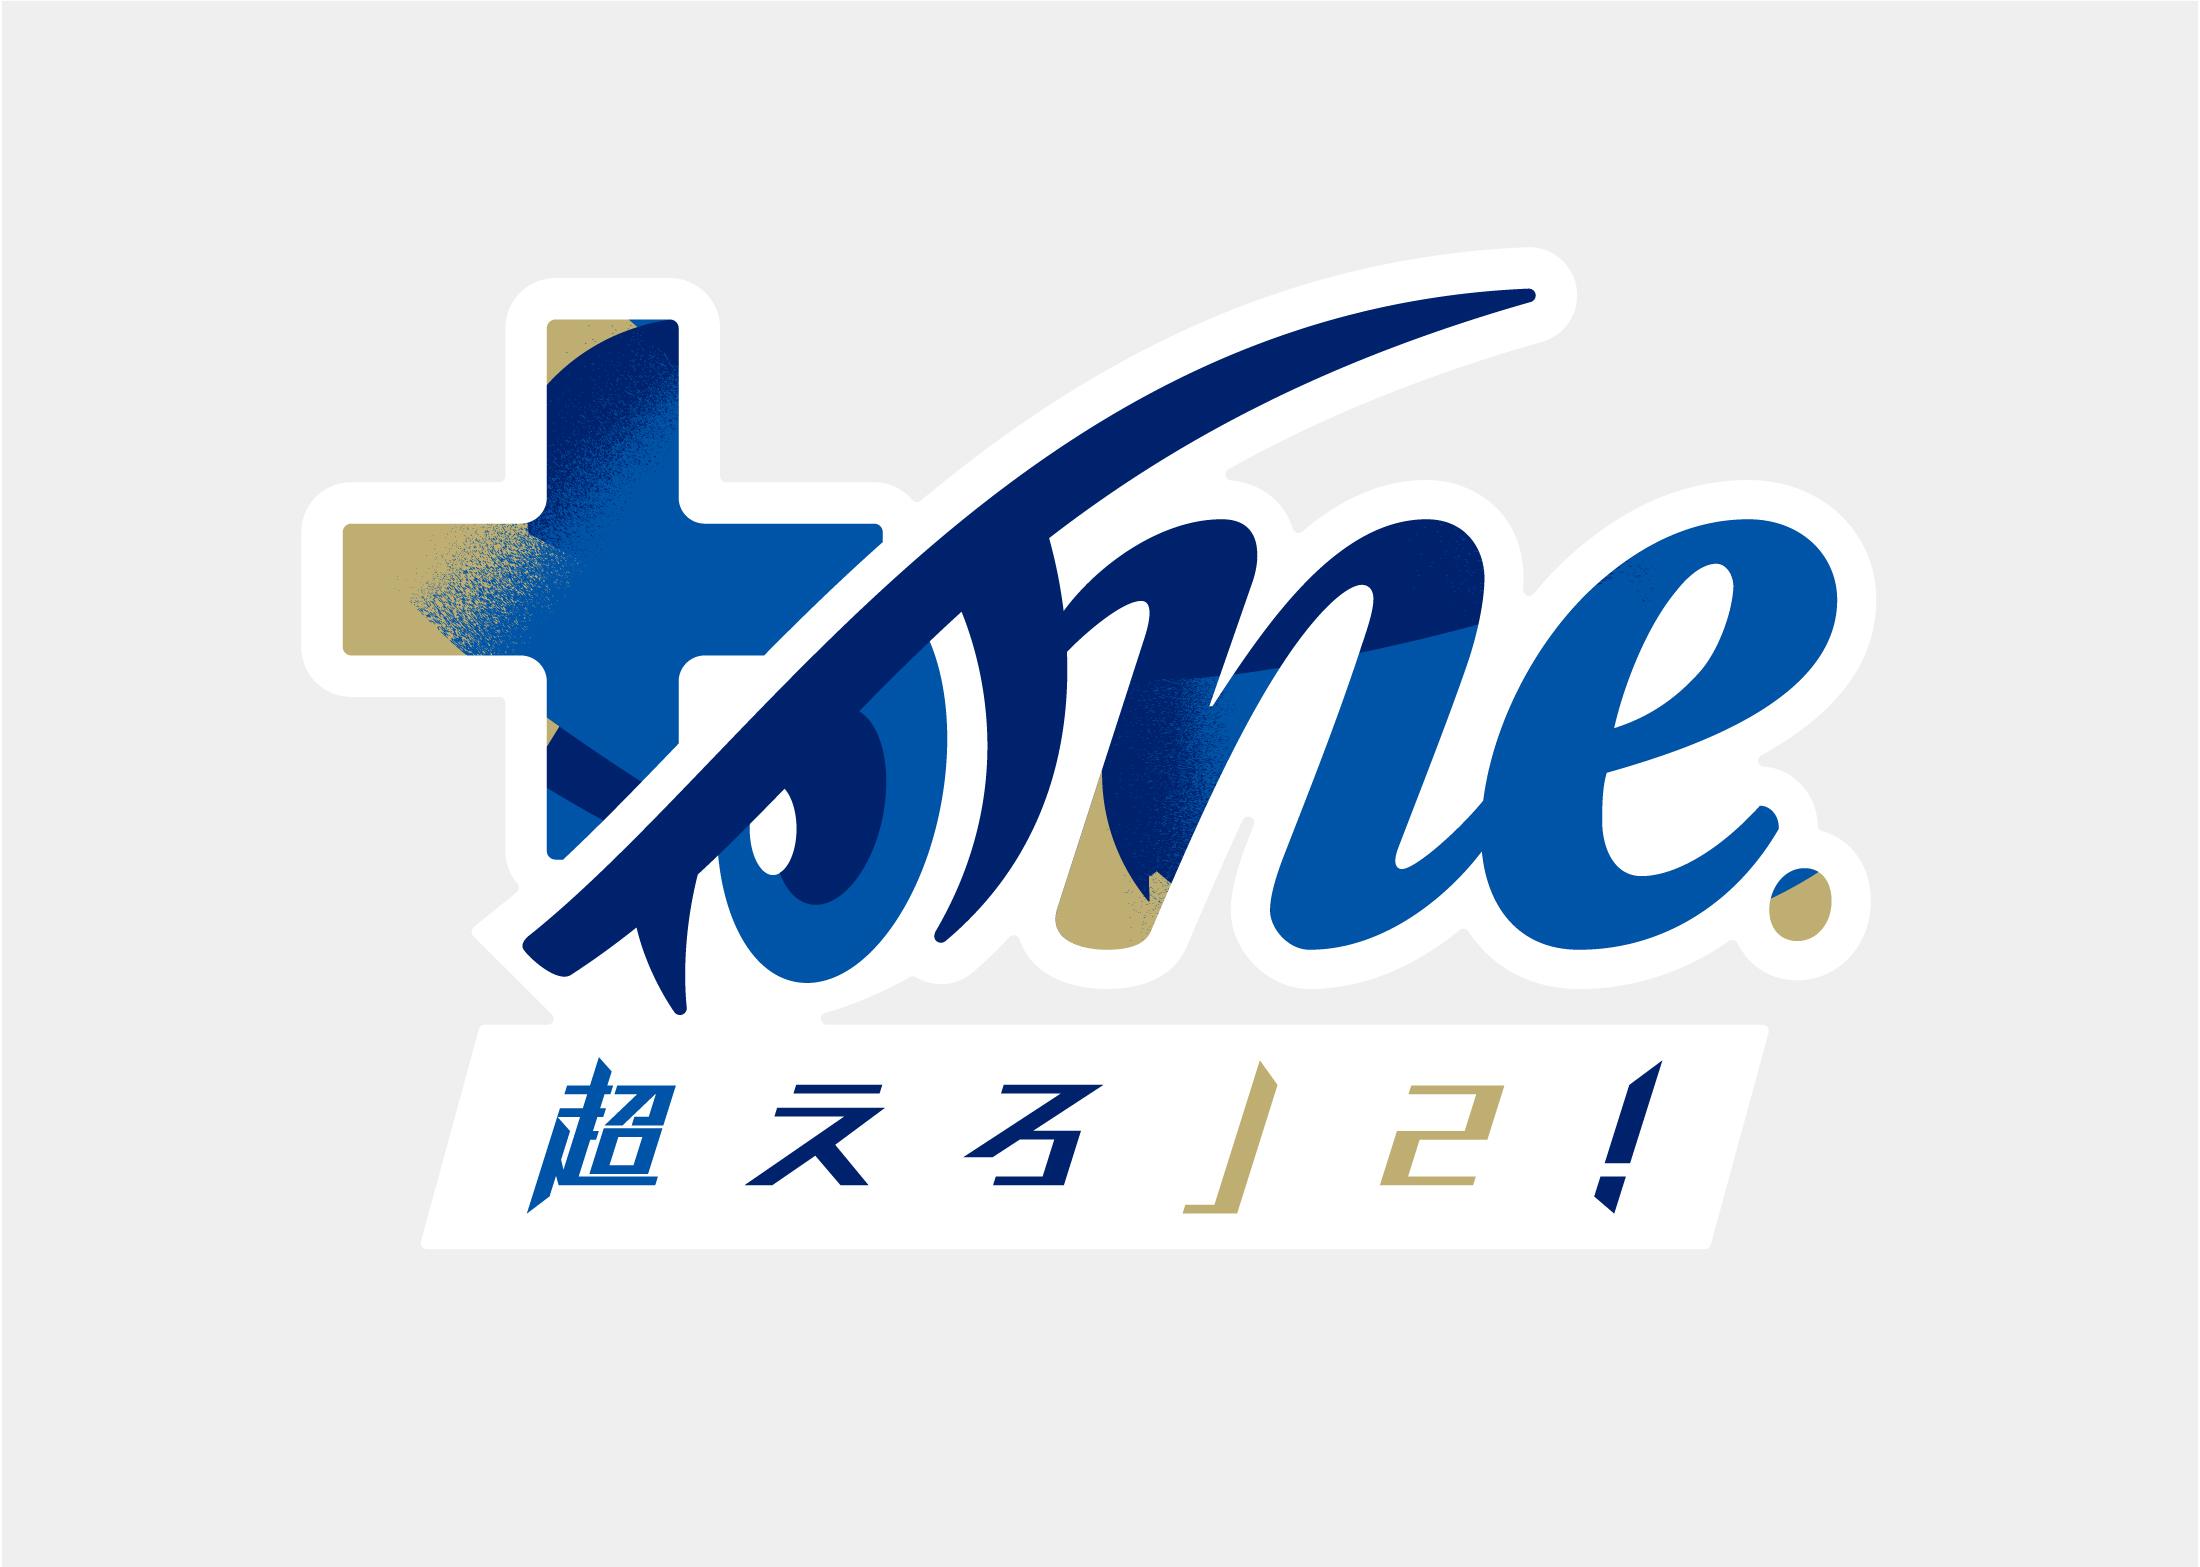 +one 超えろJ2!